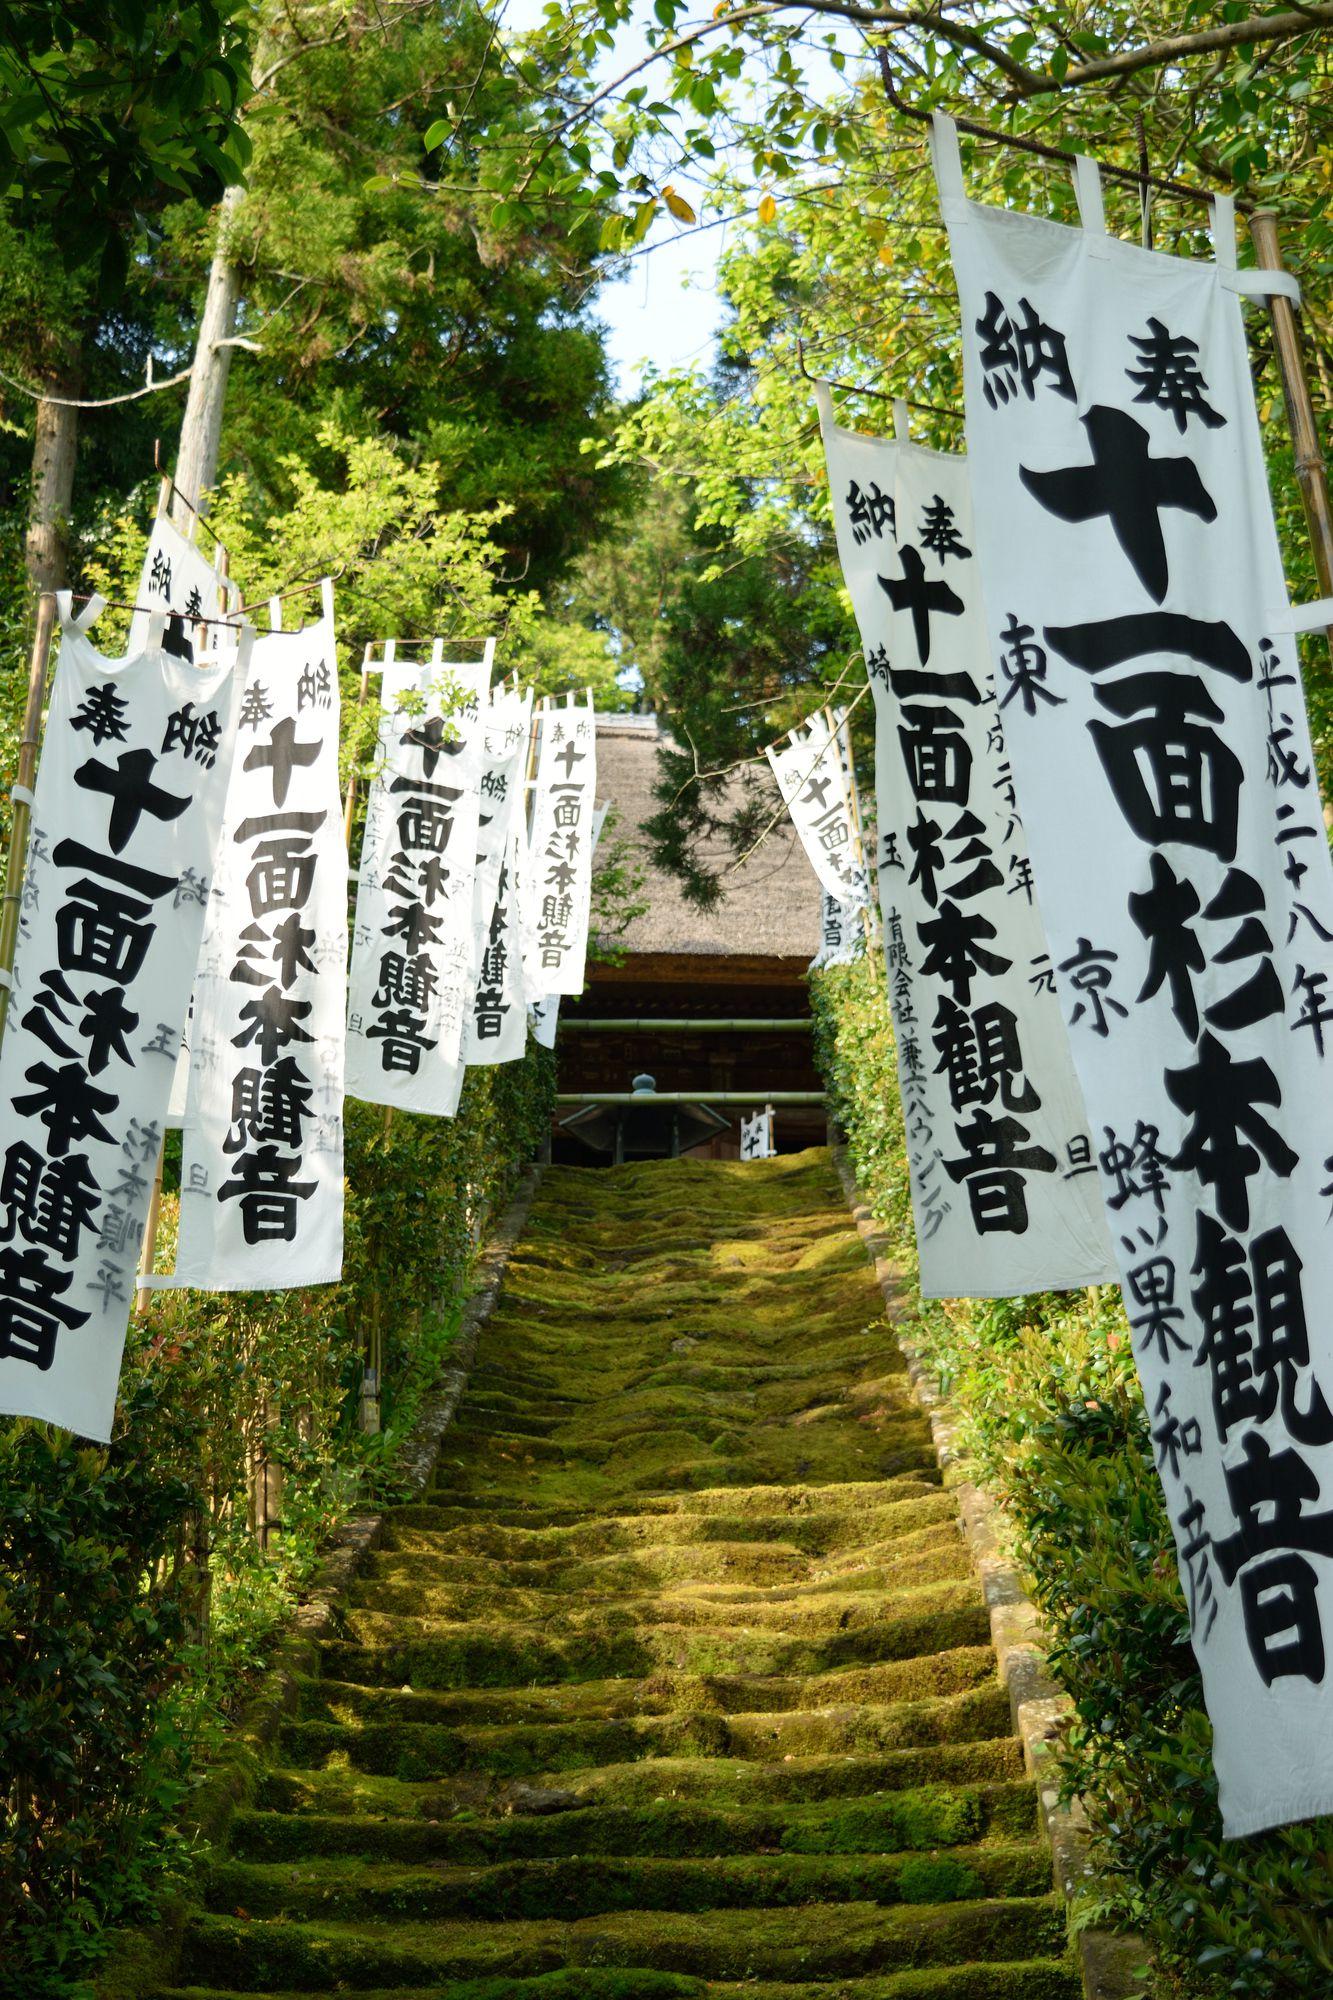 観光で訪れたい人気スポット!鎌倉のおすすめ神社・寺ランキングTOP15 3枚目の画像